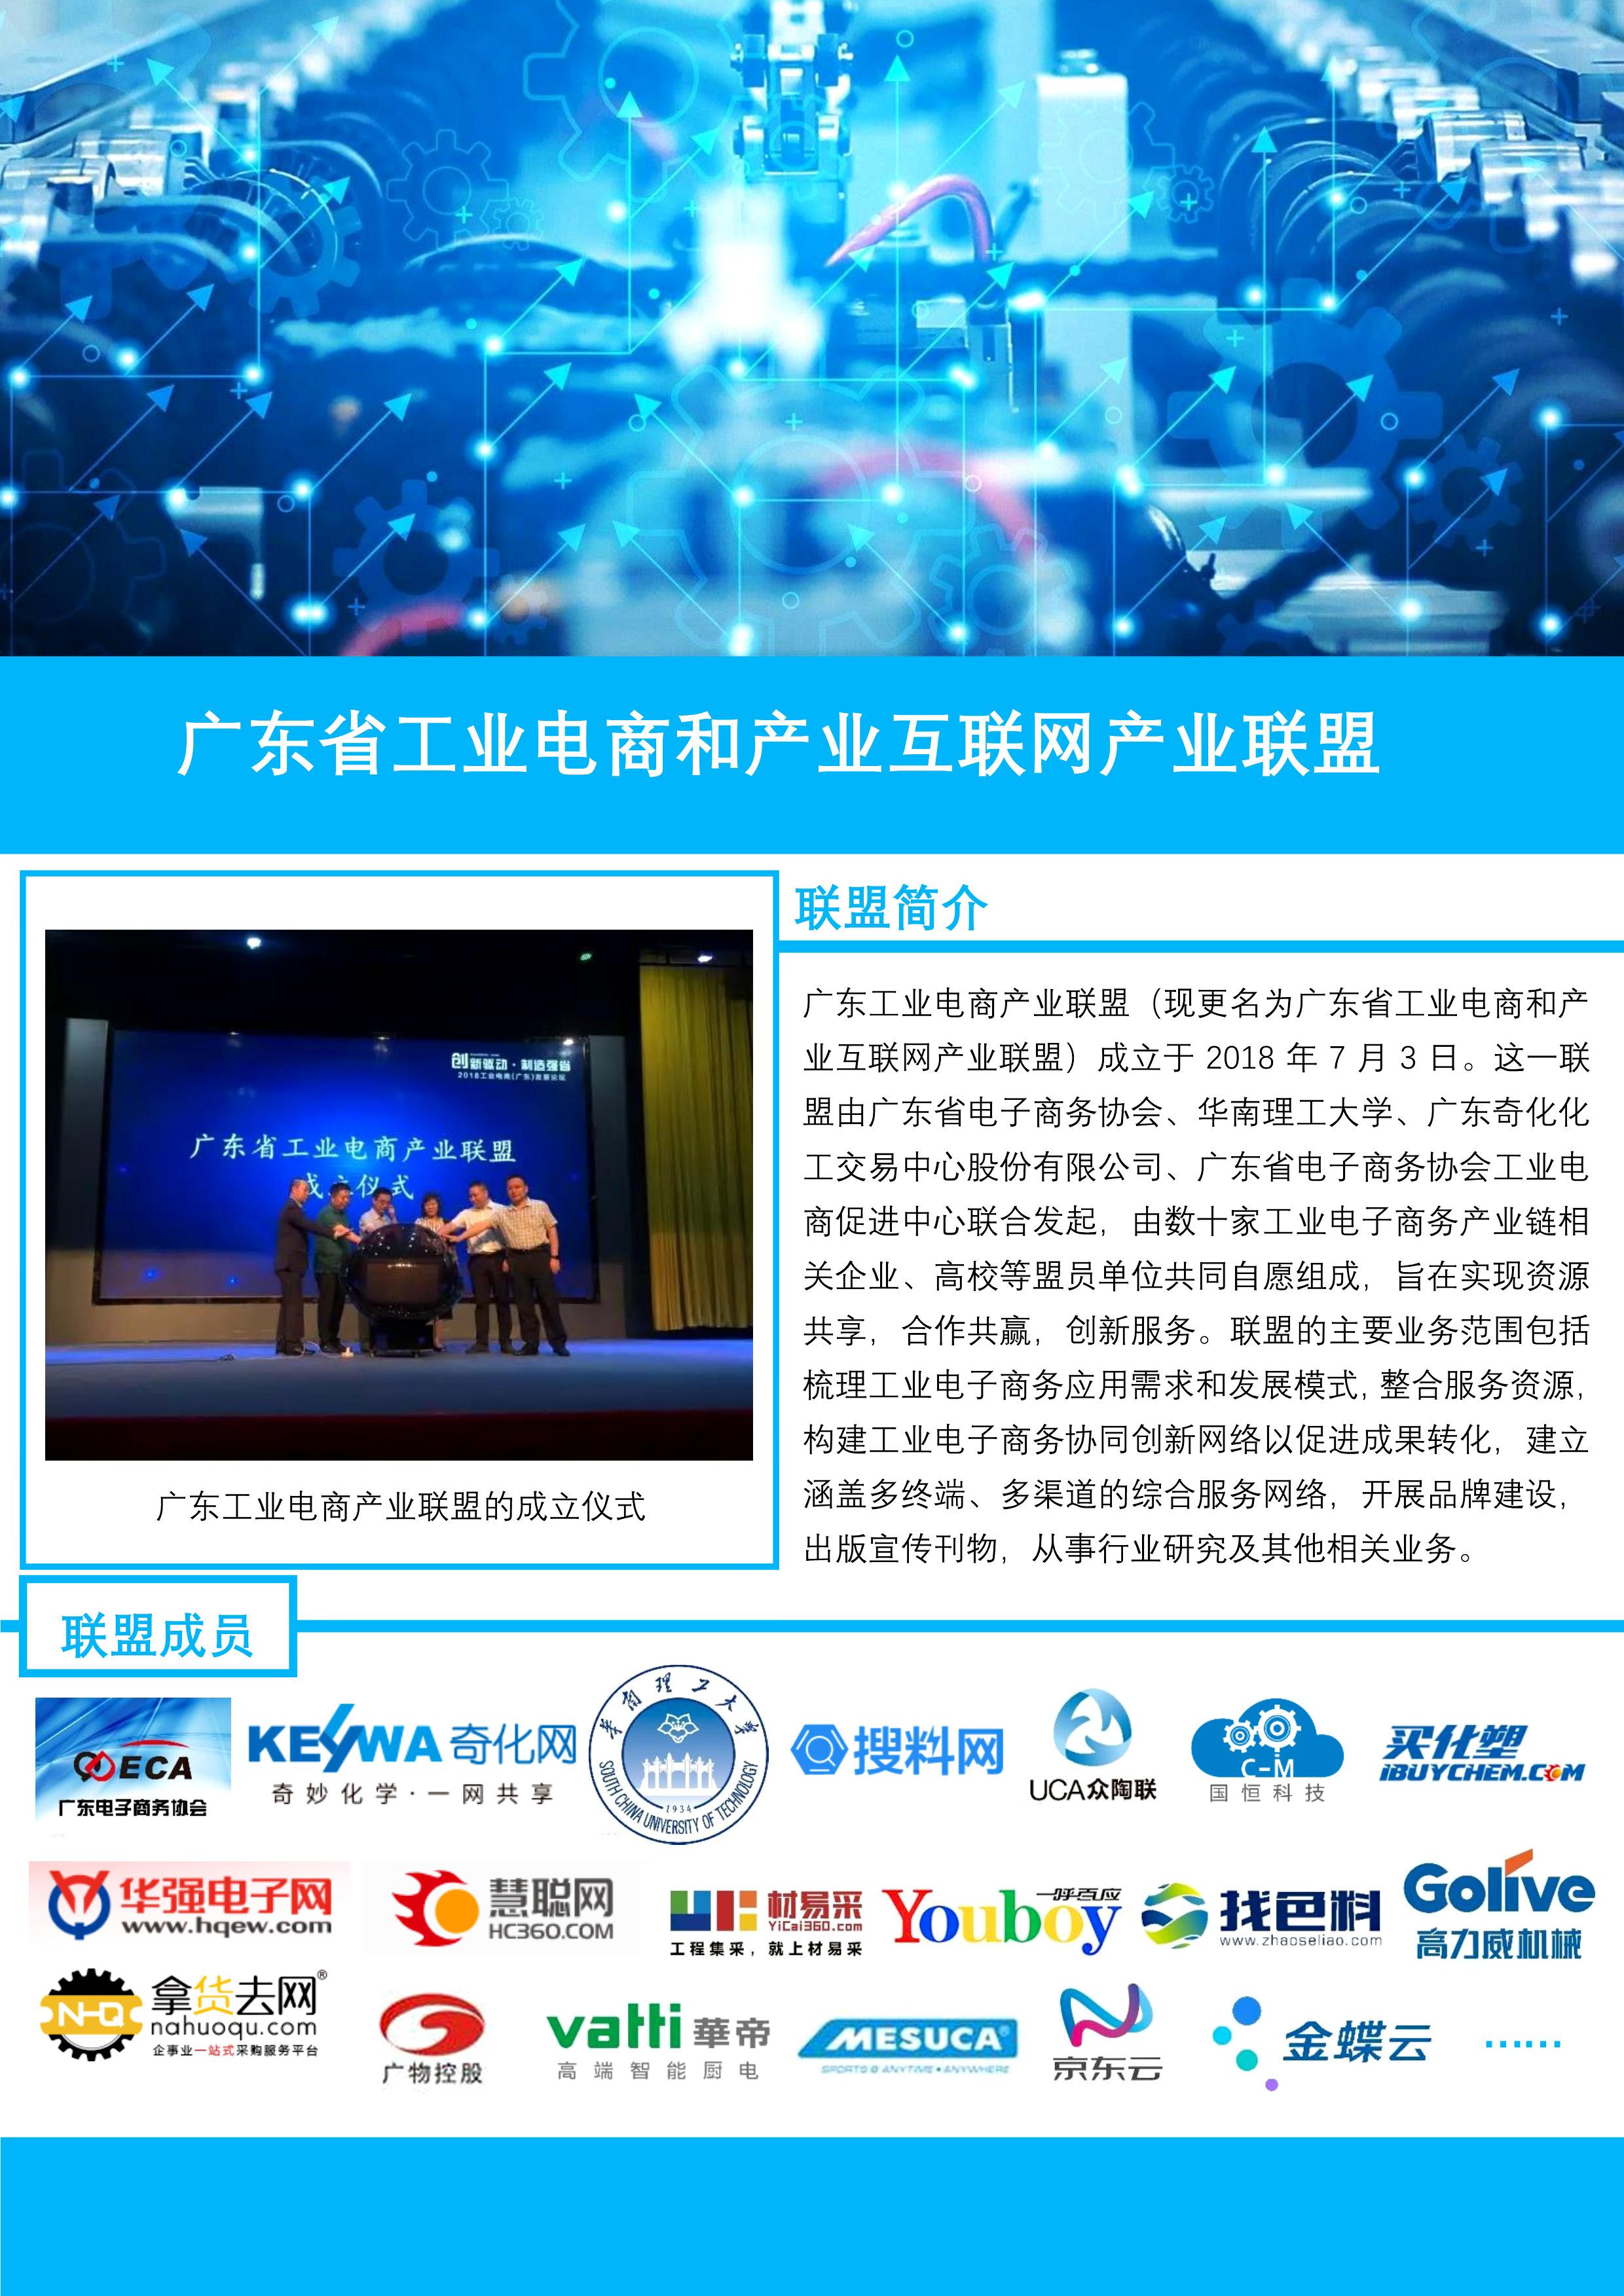 广东省工业电商和产业互联网产业联盟_1